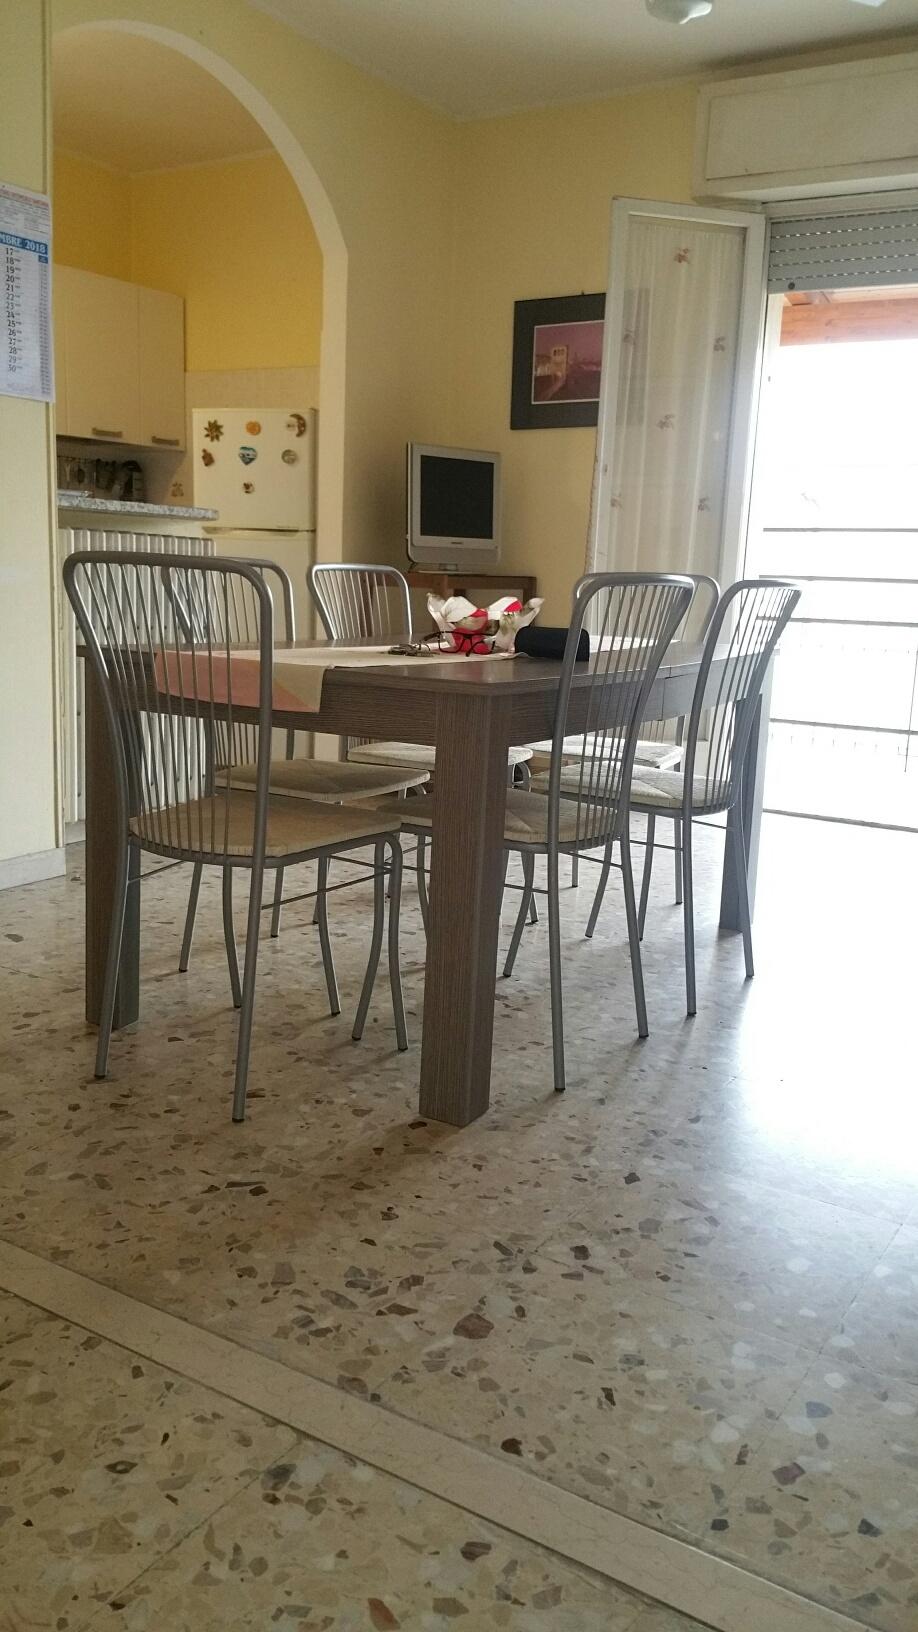 Attico / Mansarda in vendita a San Benedetto del Tronto, 4 locali, zona Località: PortodAscoli, prezzo € 170.000 | PortaleAgenzieImmobiliari.it